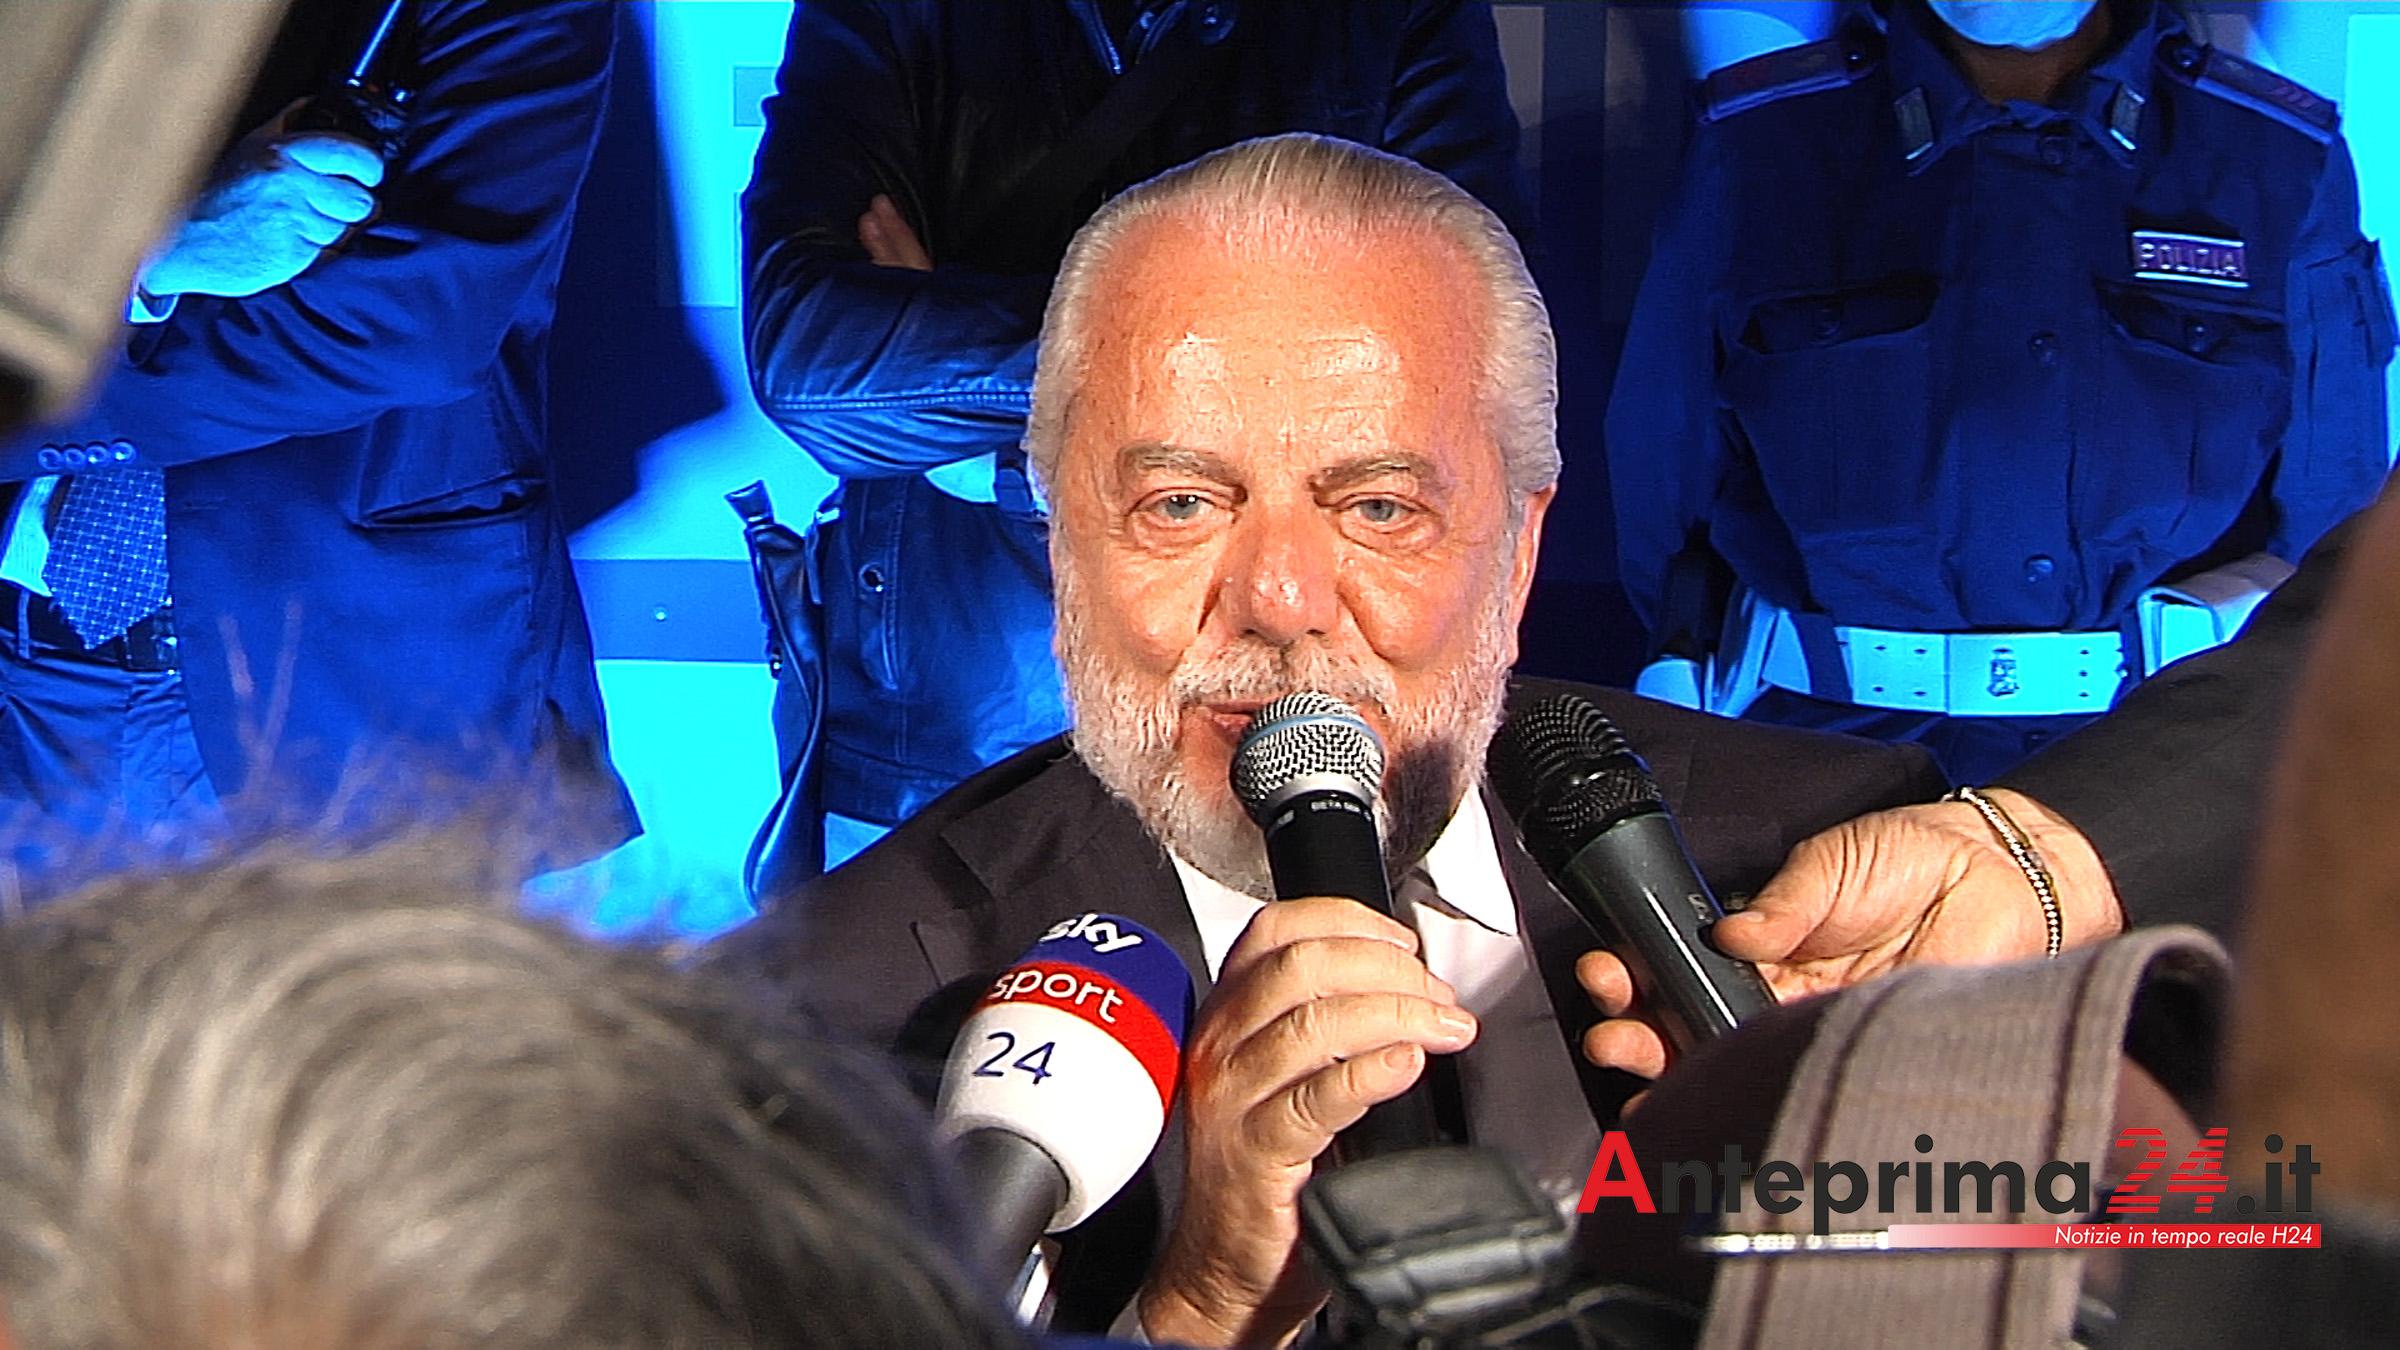 """Napoli, De Laurentiis sullo scudetto: """"Le speranze non muoiono mai"""""""